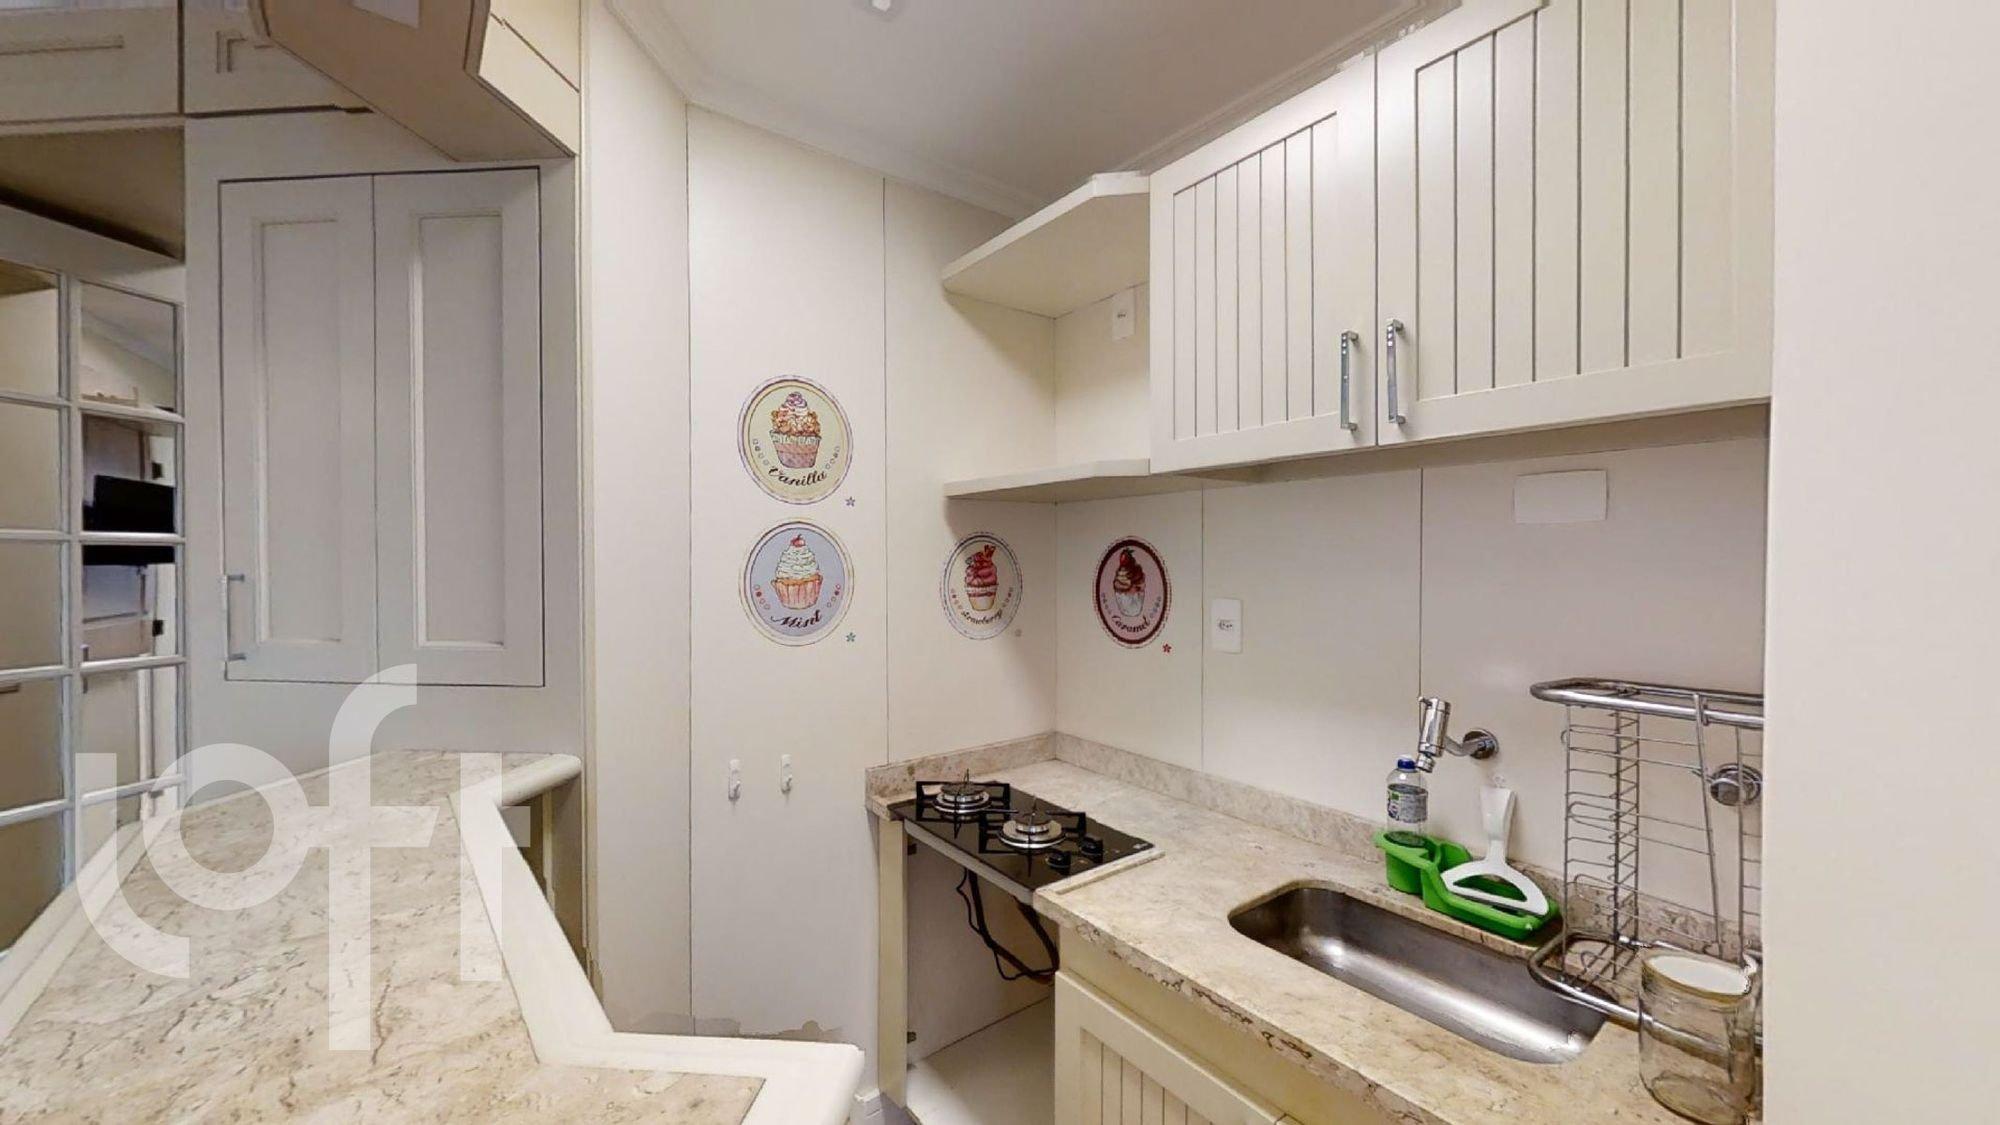 Foto de Cozinha com relógio, garrafa, forno, pia